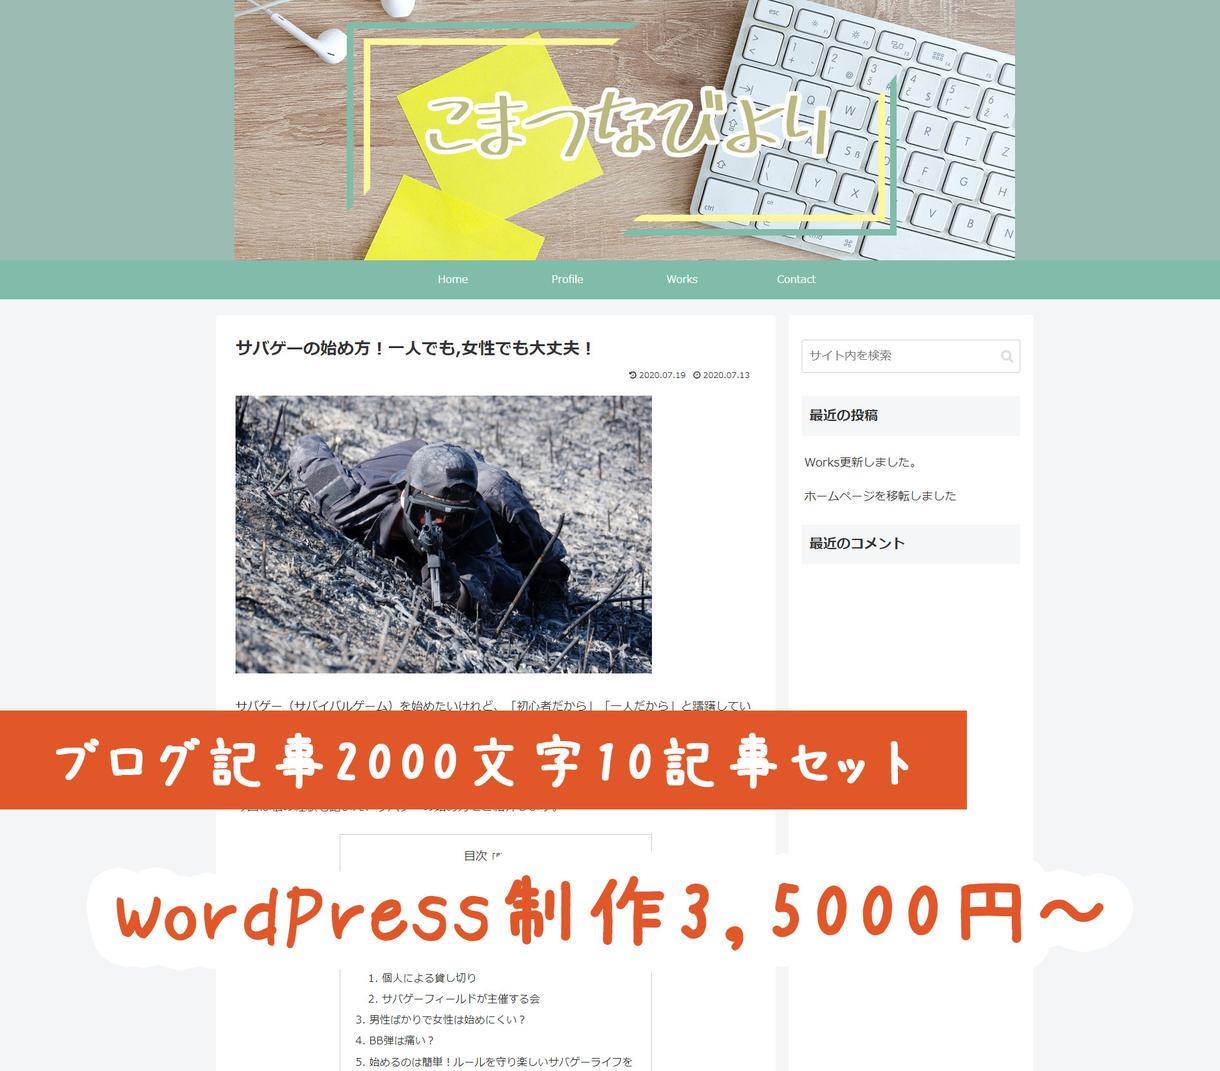 ブログ10記事セット!ブログ作成いたします WordPressでのブログ制作をブログ記事執筆とセットで! イメージ1